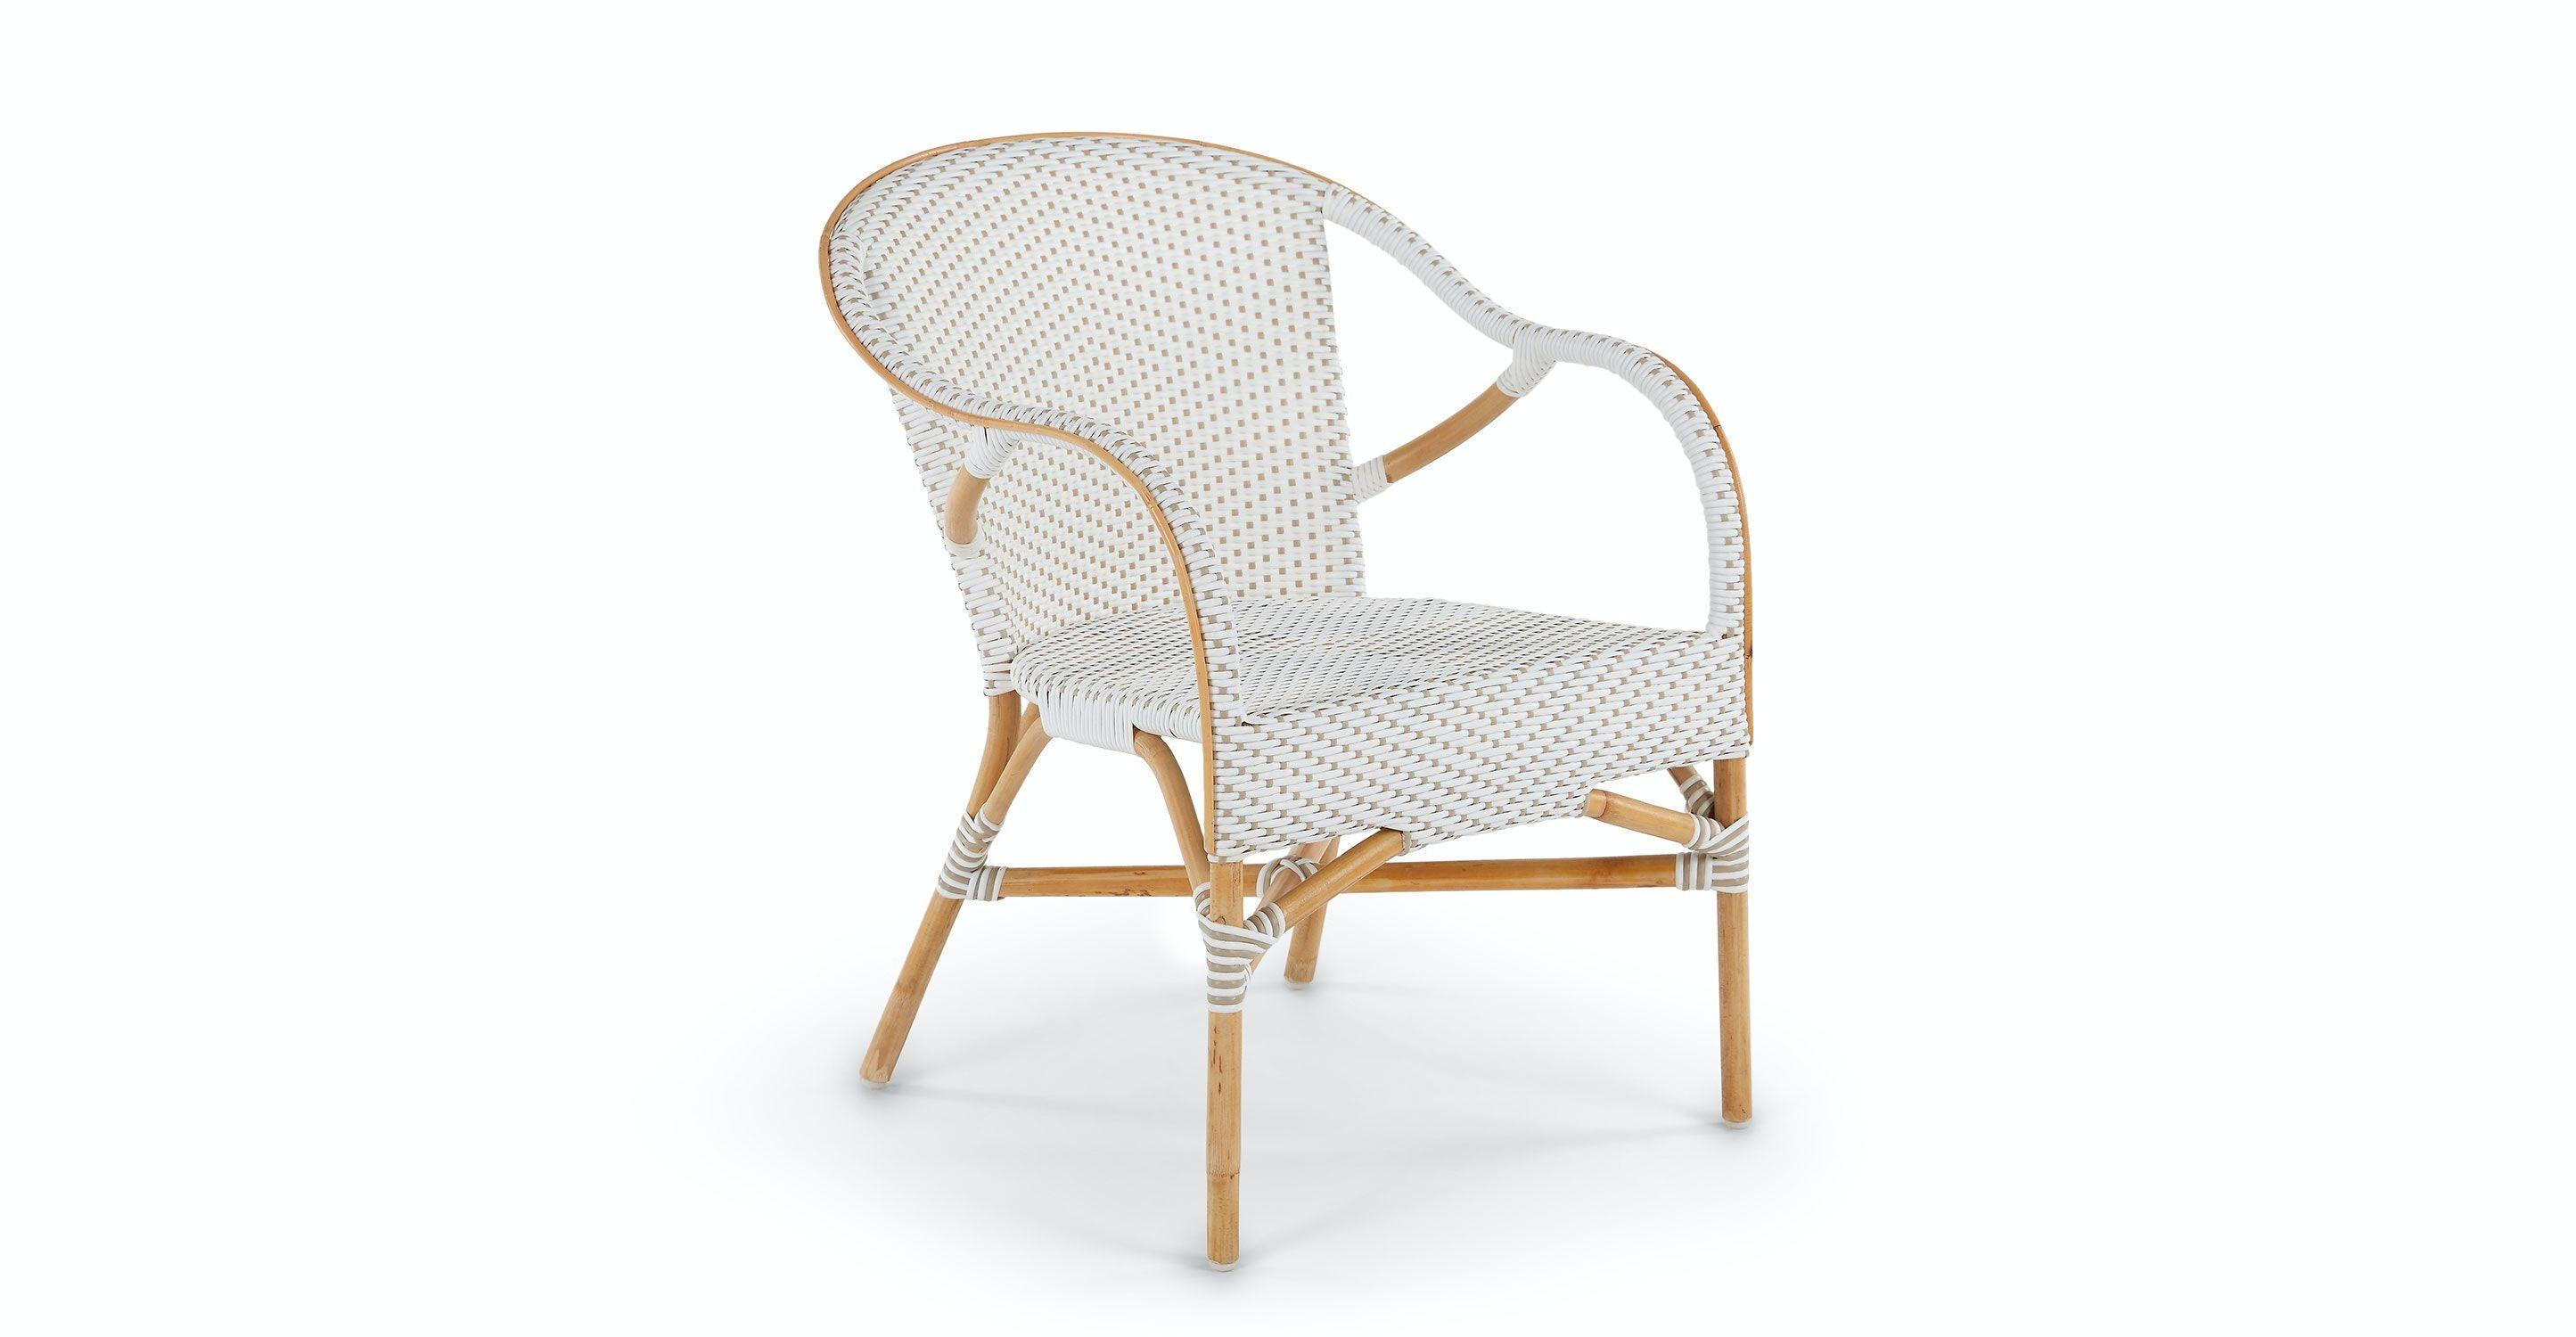 Leisuremod Weave Mace Indoor Outdoor White Dining Chair Set Of 2 Mace White Indoor Outdoor D White Dining Chairs Dining Chair Set Outdoor Dining Chairs